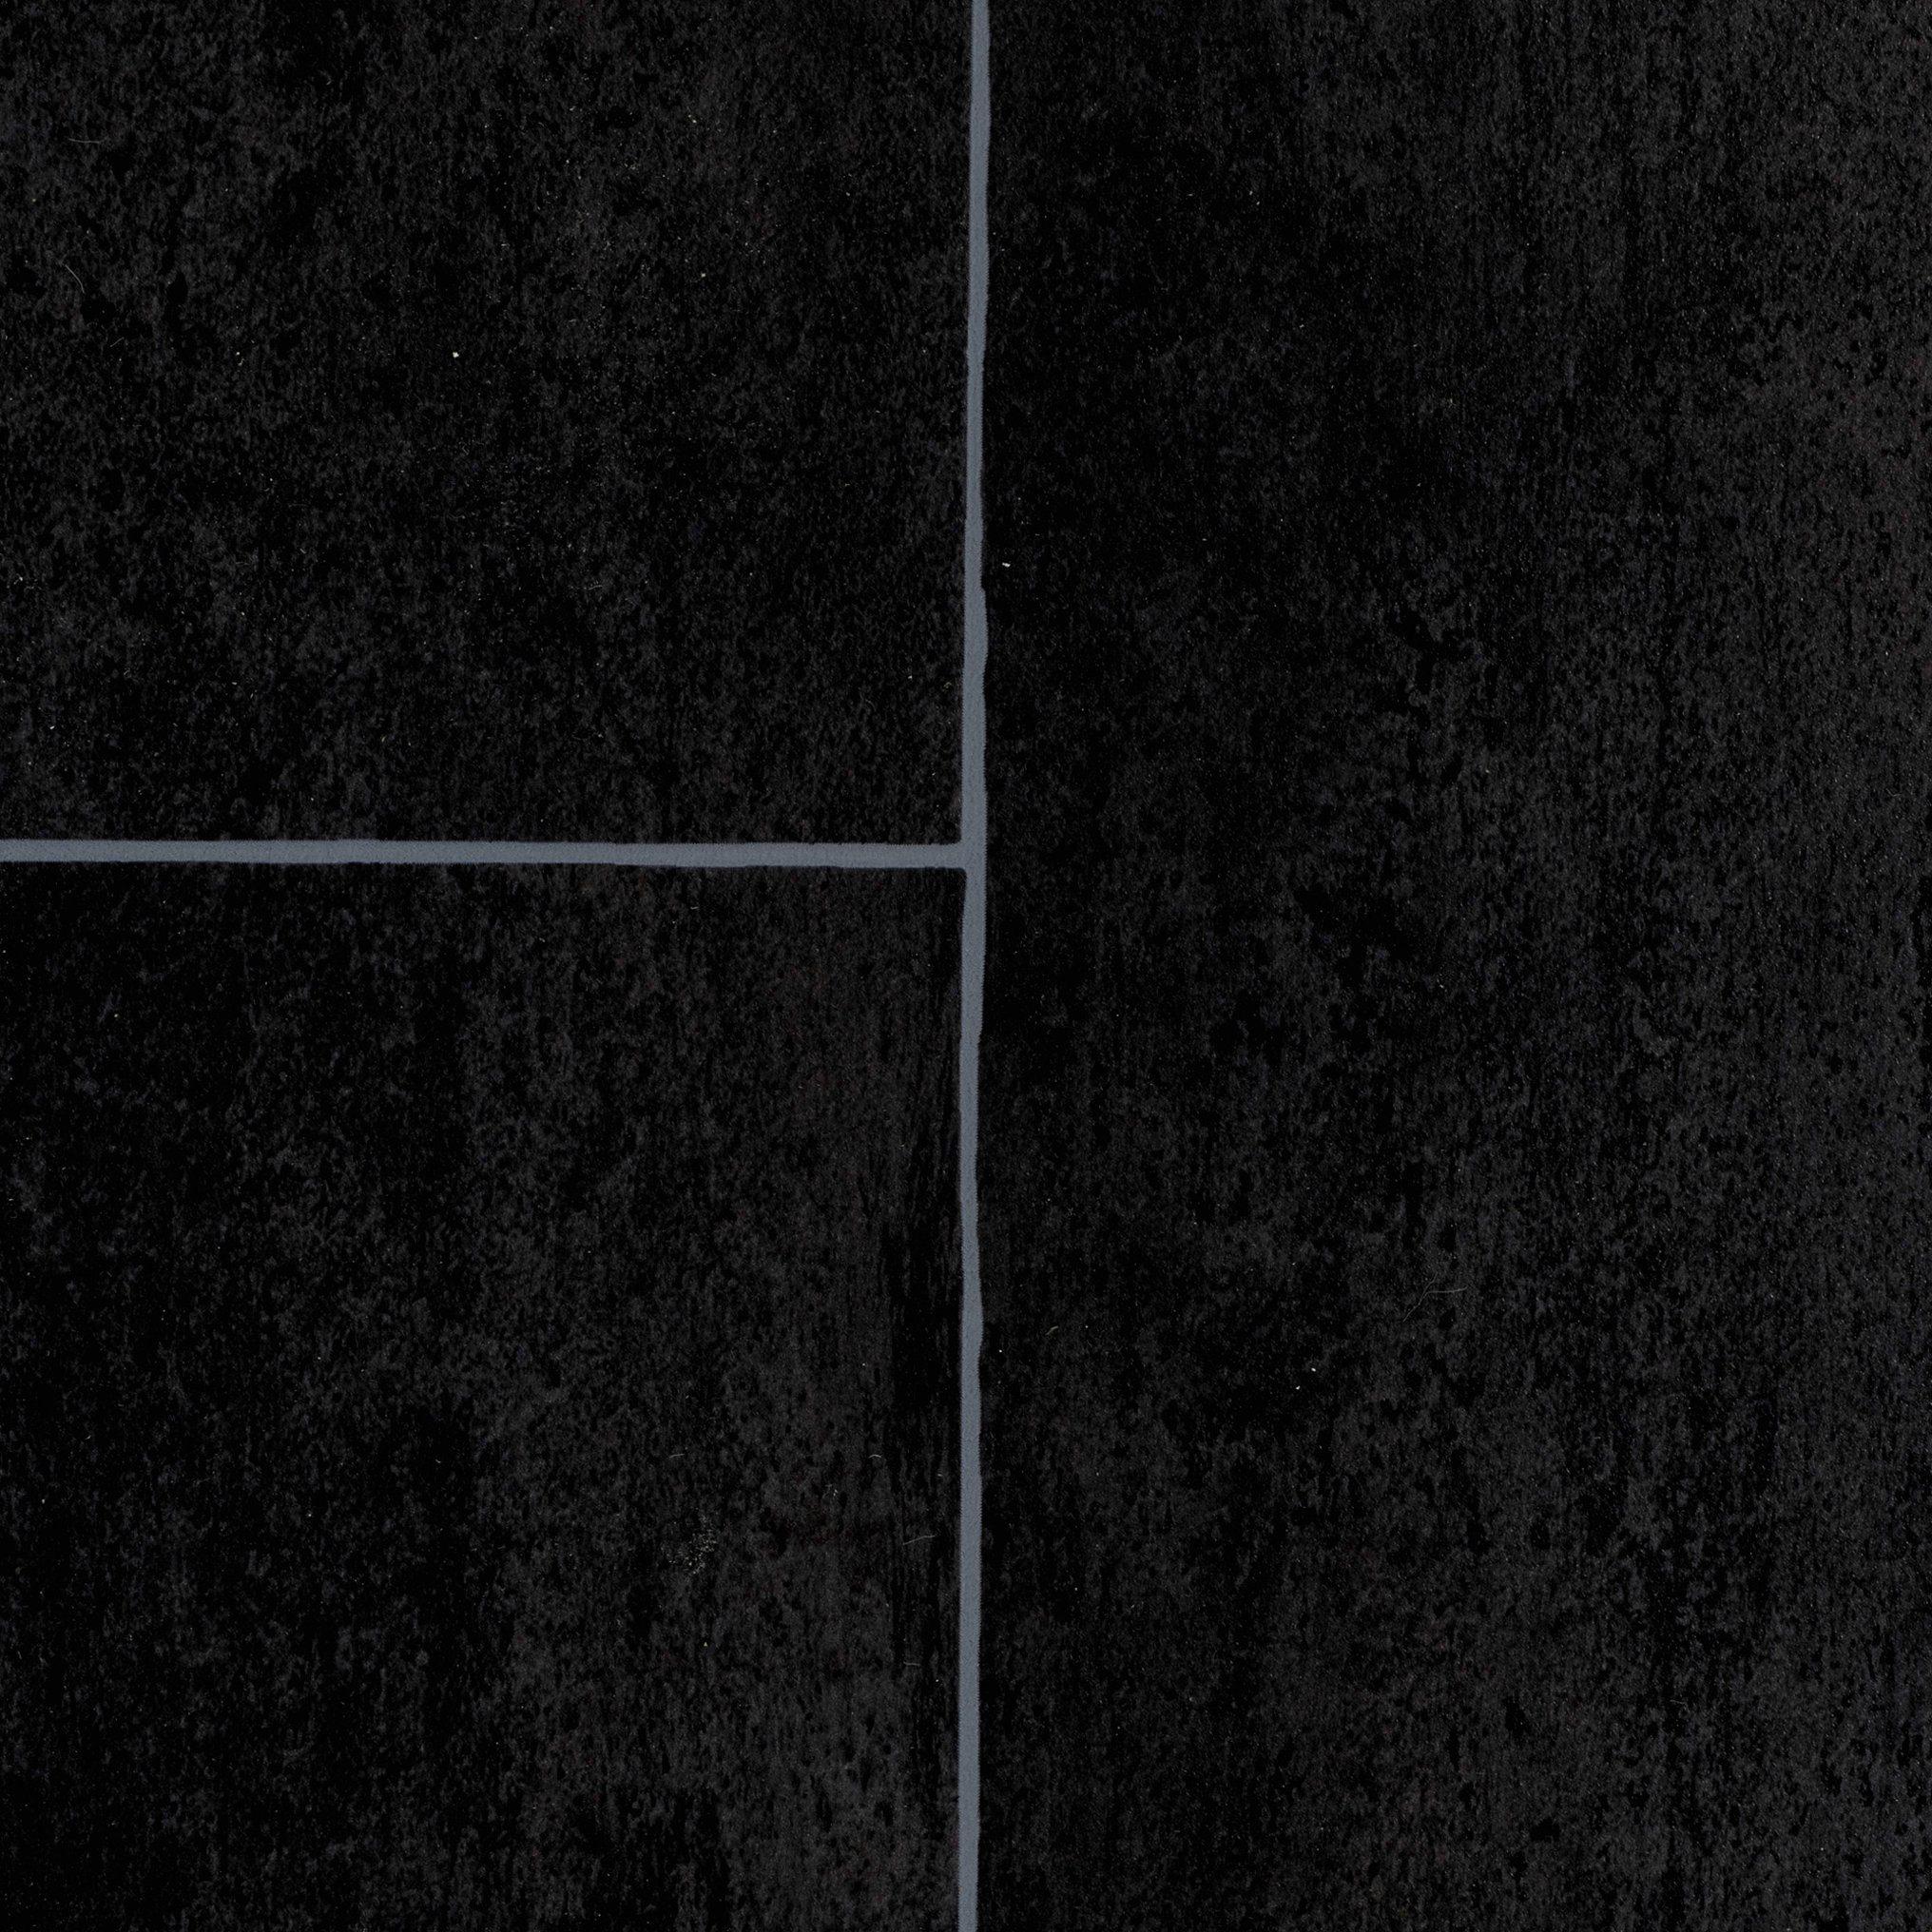 300 und 400 cm Breite Fliesenoptik Retro grau Gr/ö/ße: 1,5 x 3 m verschiedene Gr/ö/ßen PVC Bodenbelag Steinoptik 200 Meterware